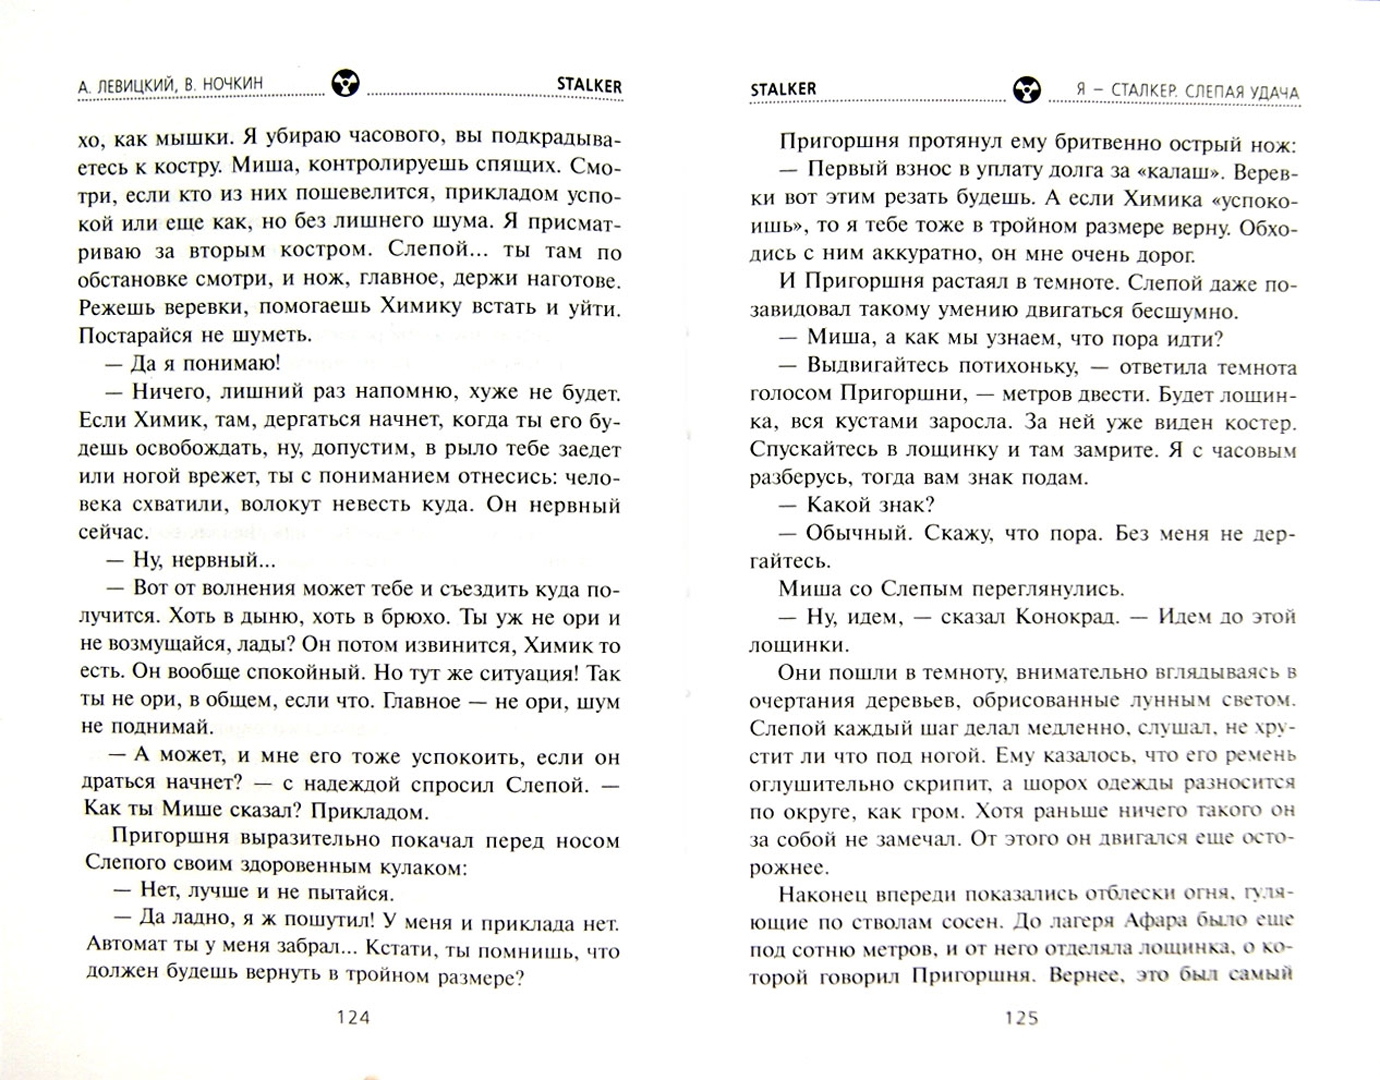 Иллюстрация 1 из 24 для Я - сталкер. Слепая удача - Левицкий, Ночкин | Лабиринт - книги. Источник: Лабиринт